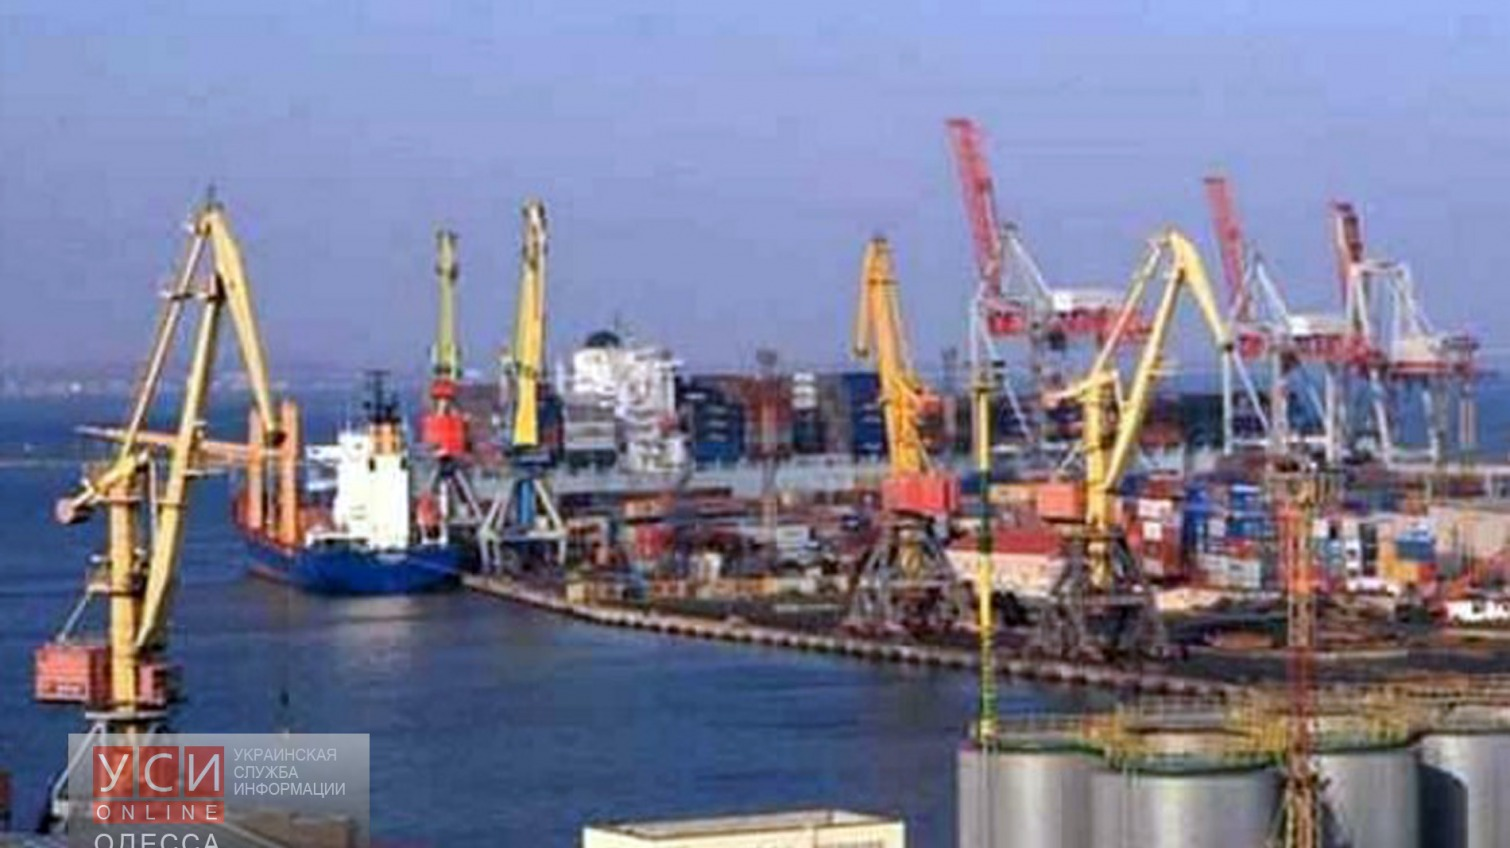 Ильичевский морпорт значительно нарастил перевалку навалочных грузов «фото»